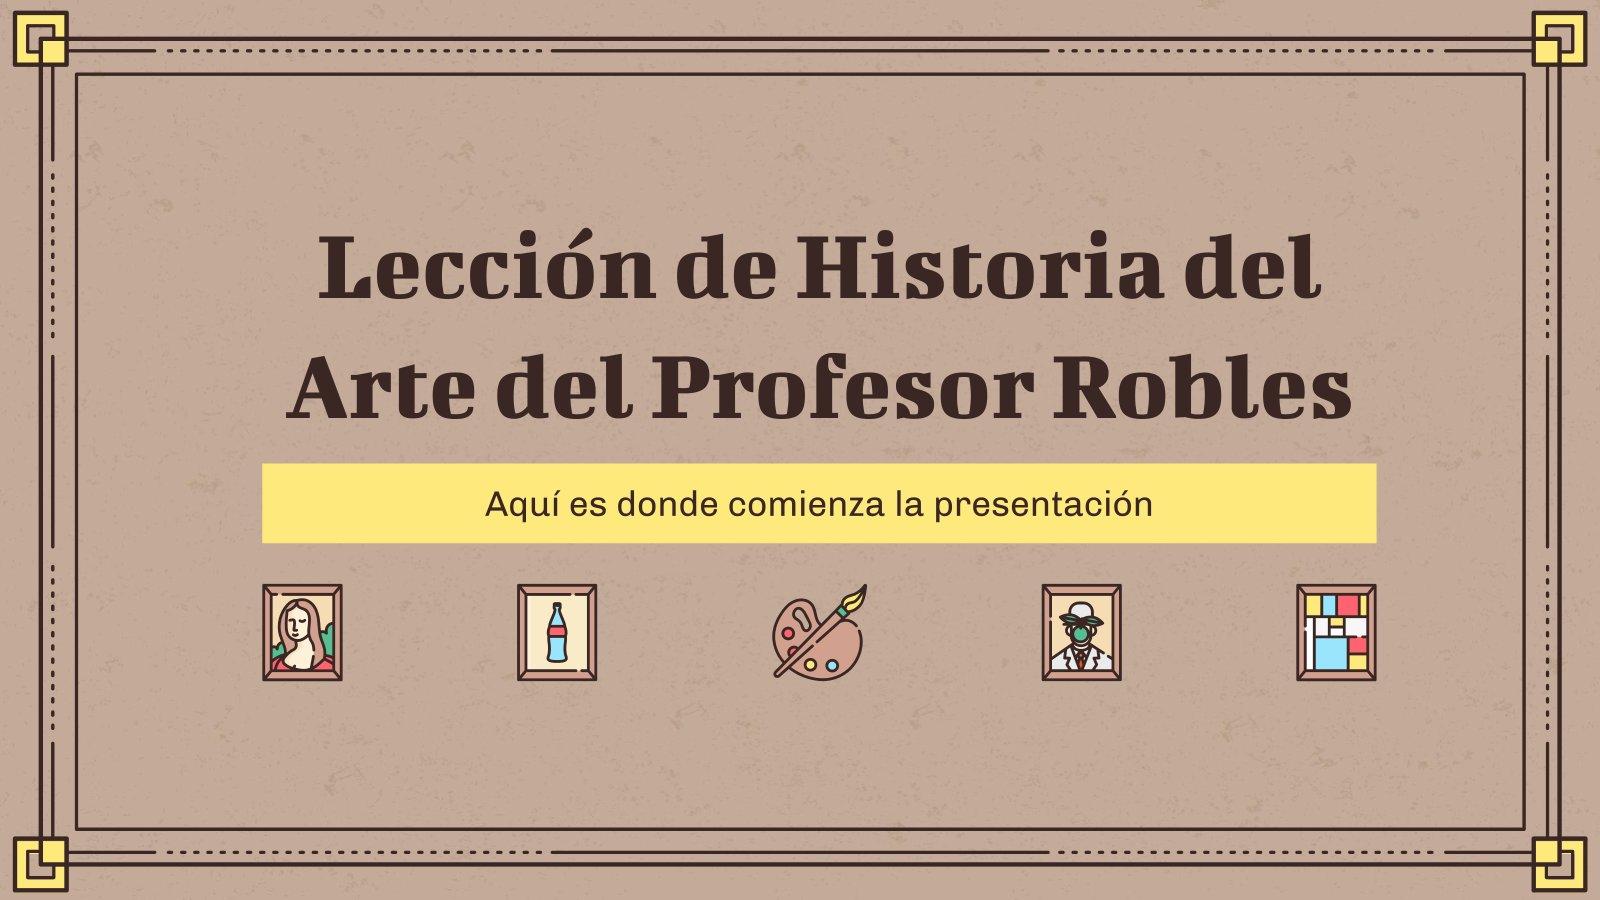 Plantilla de presentación Lección Historia de Arte del Profesor Robles